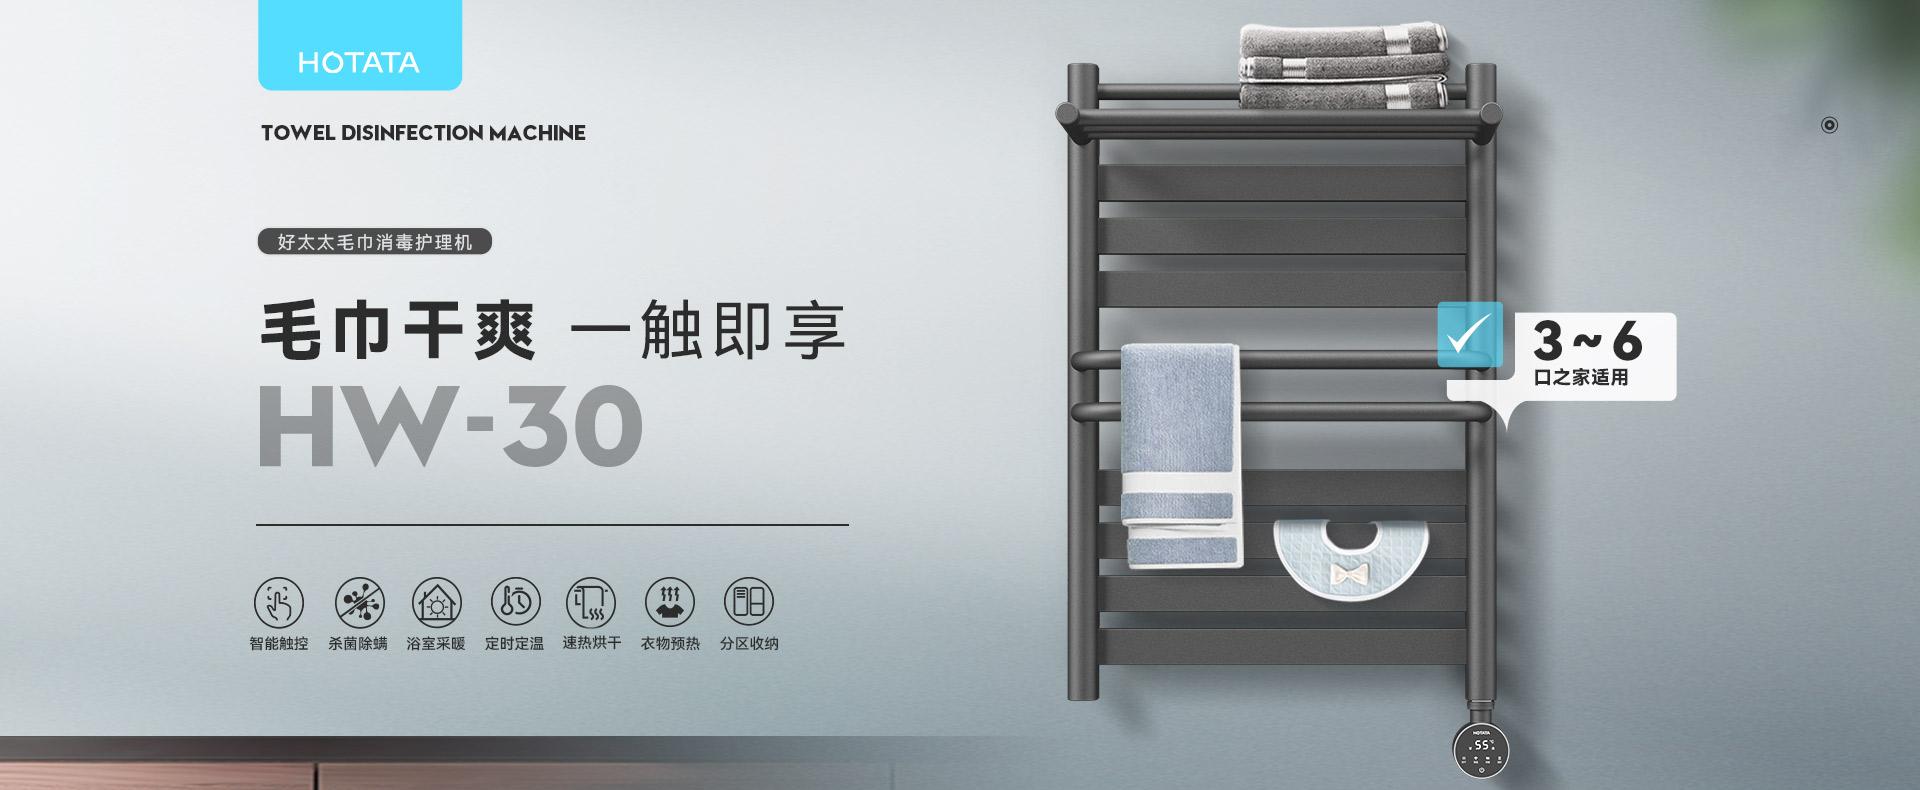 毛巾消毒护理机HW-30